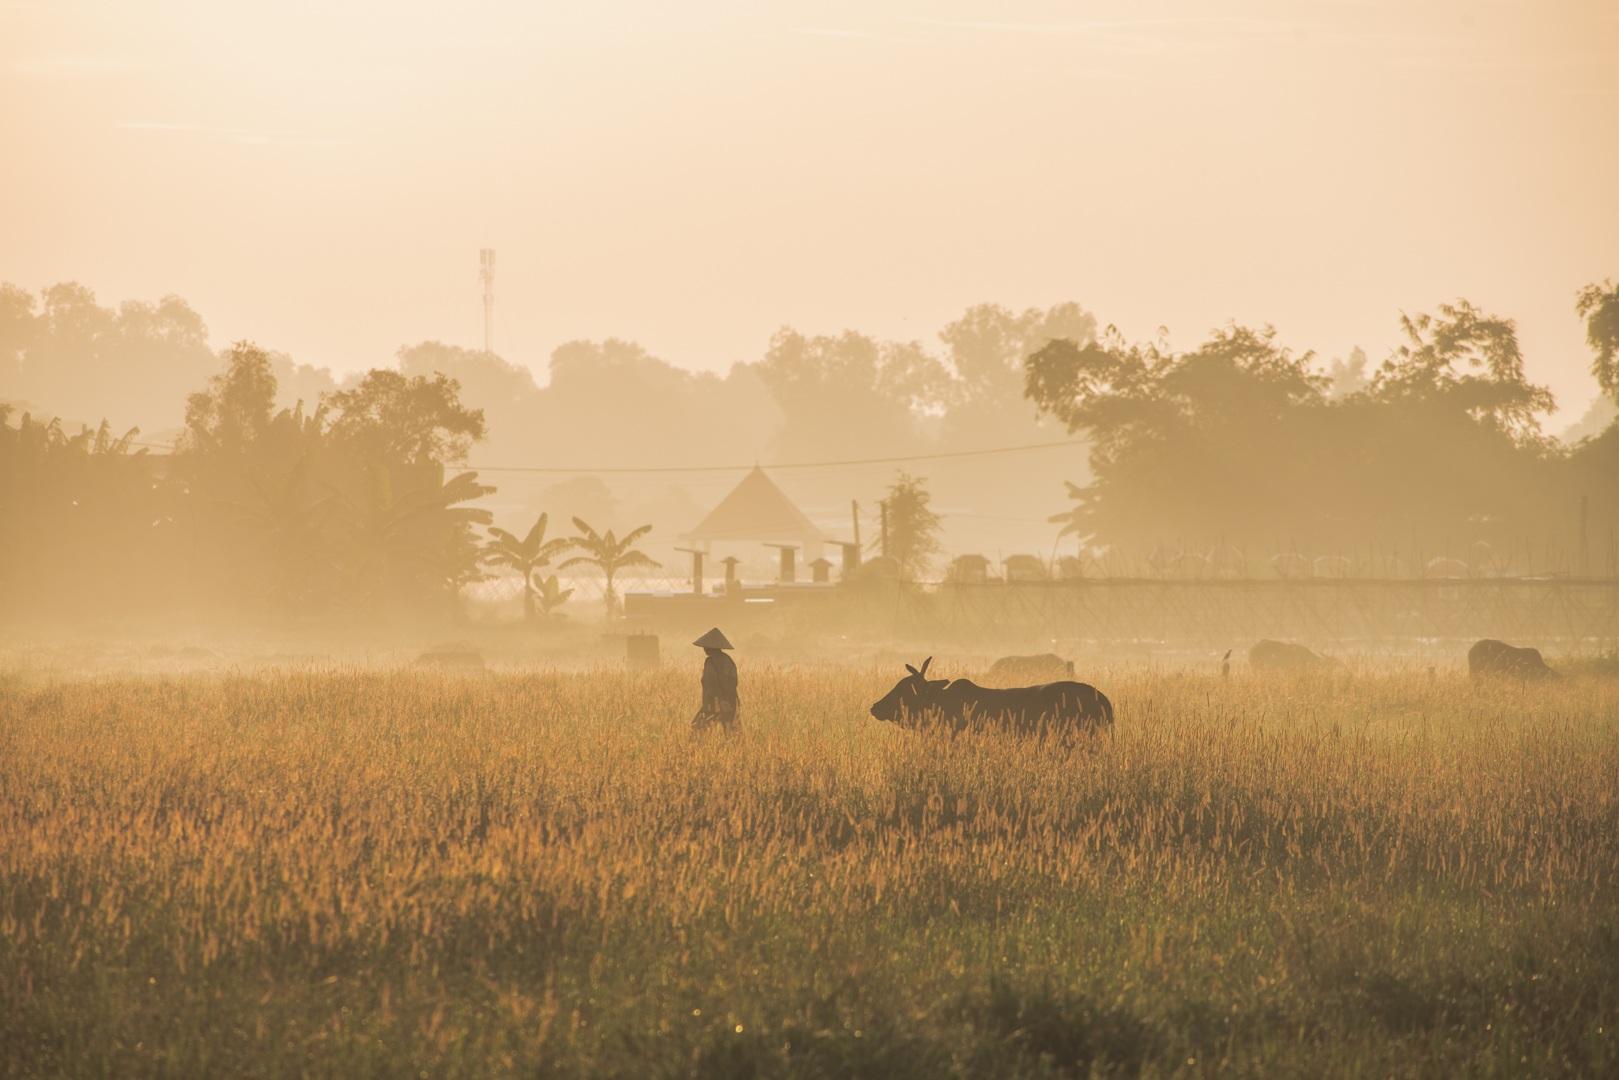 Ngoại ô Sài Gòn đẹp tựa phim trong buổi bình minh - 1